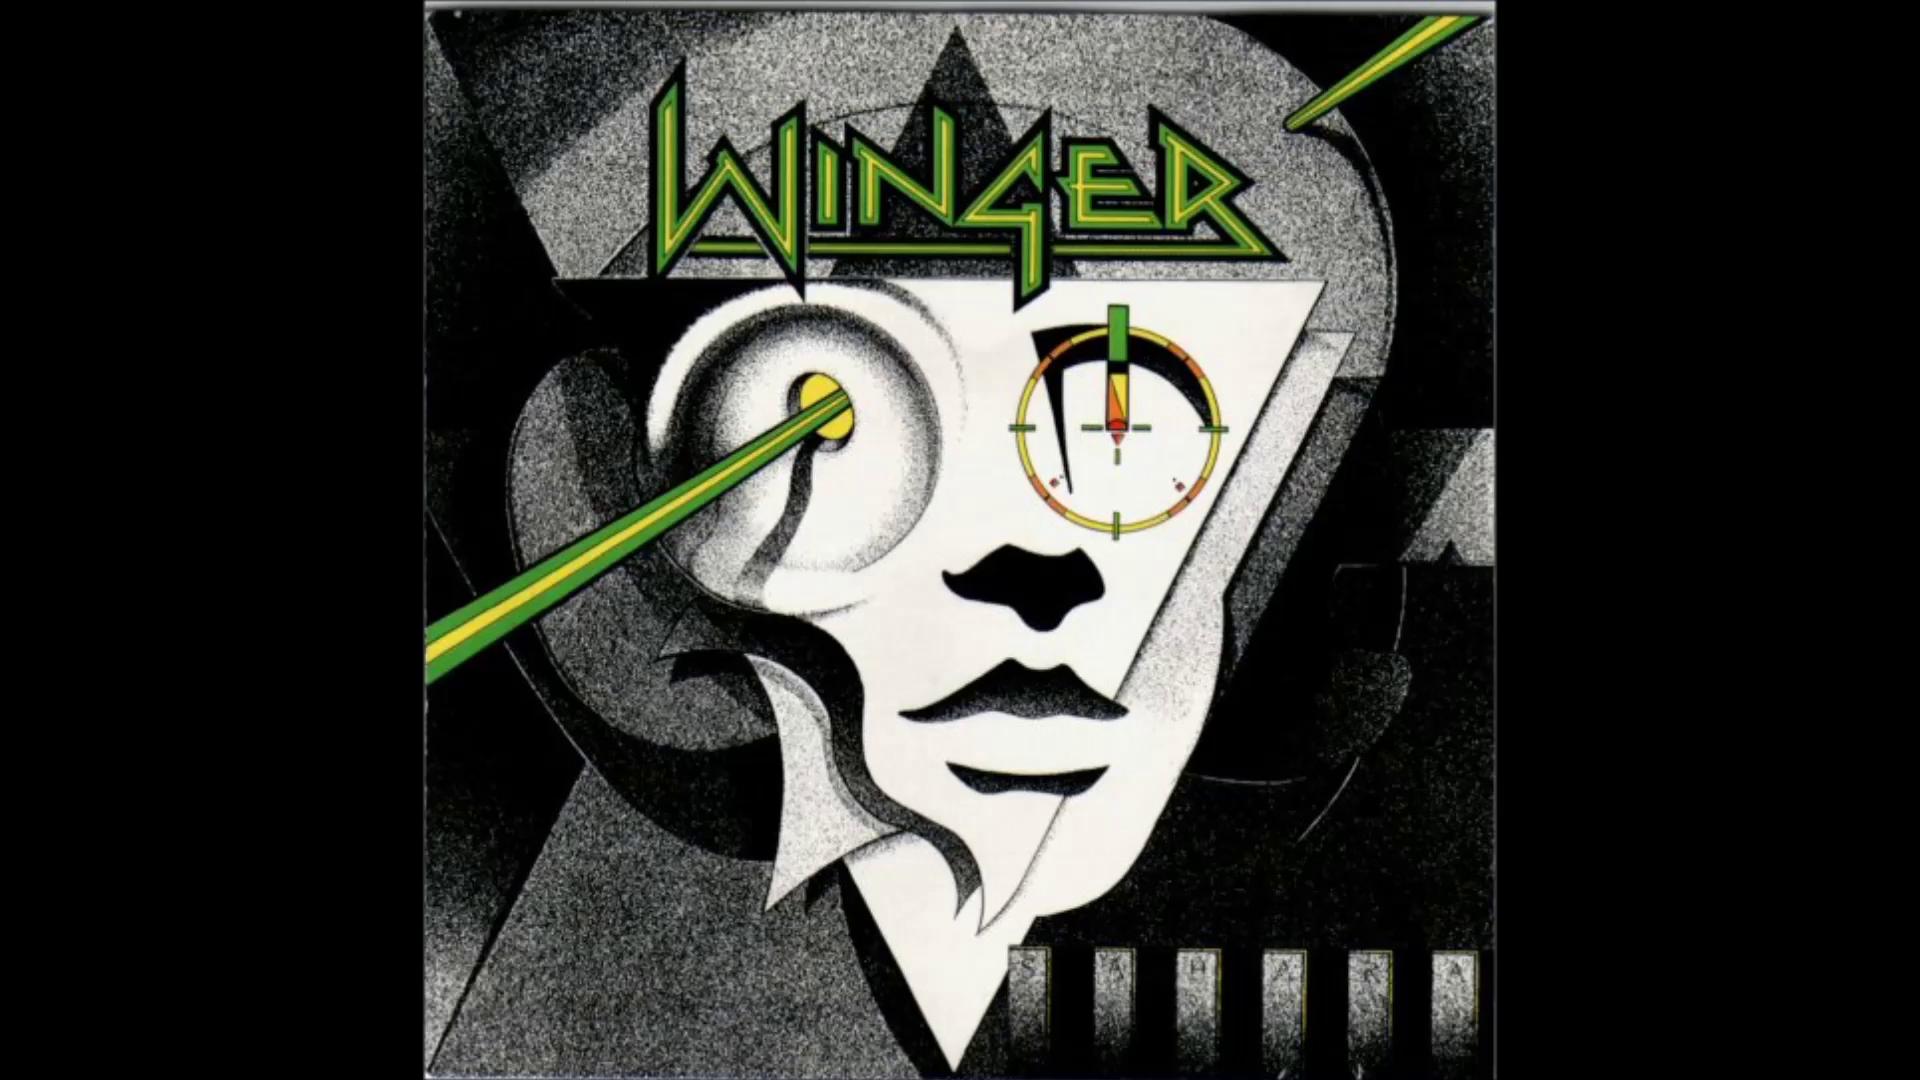 Winger - Winger Full album